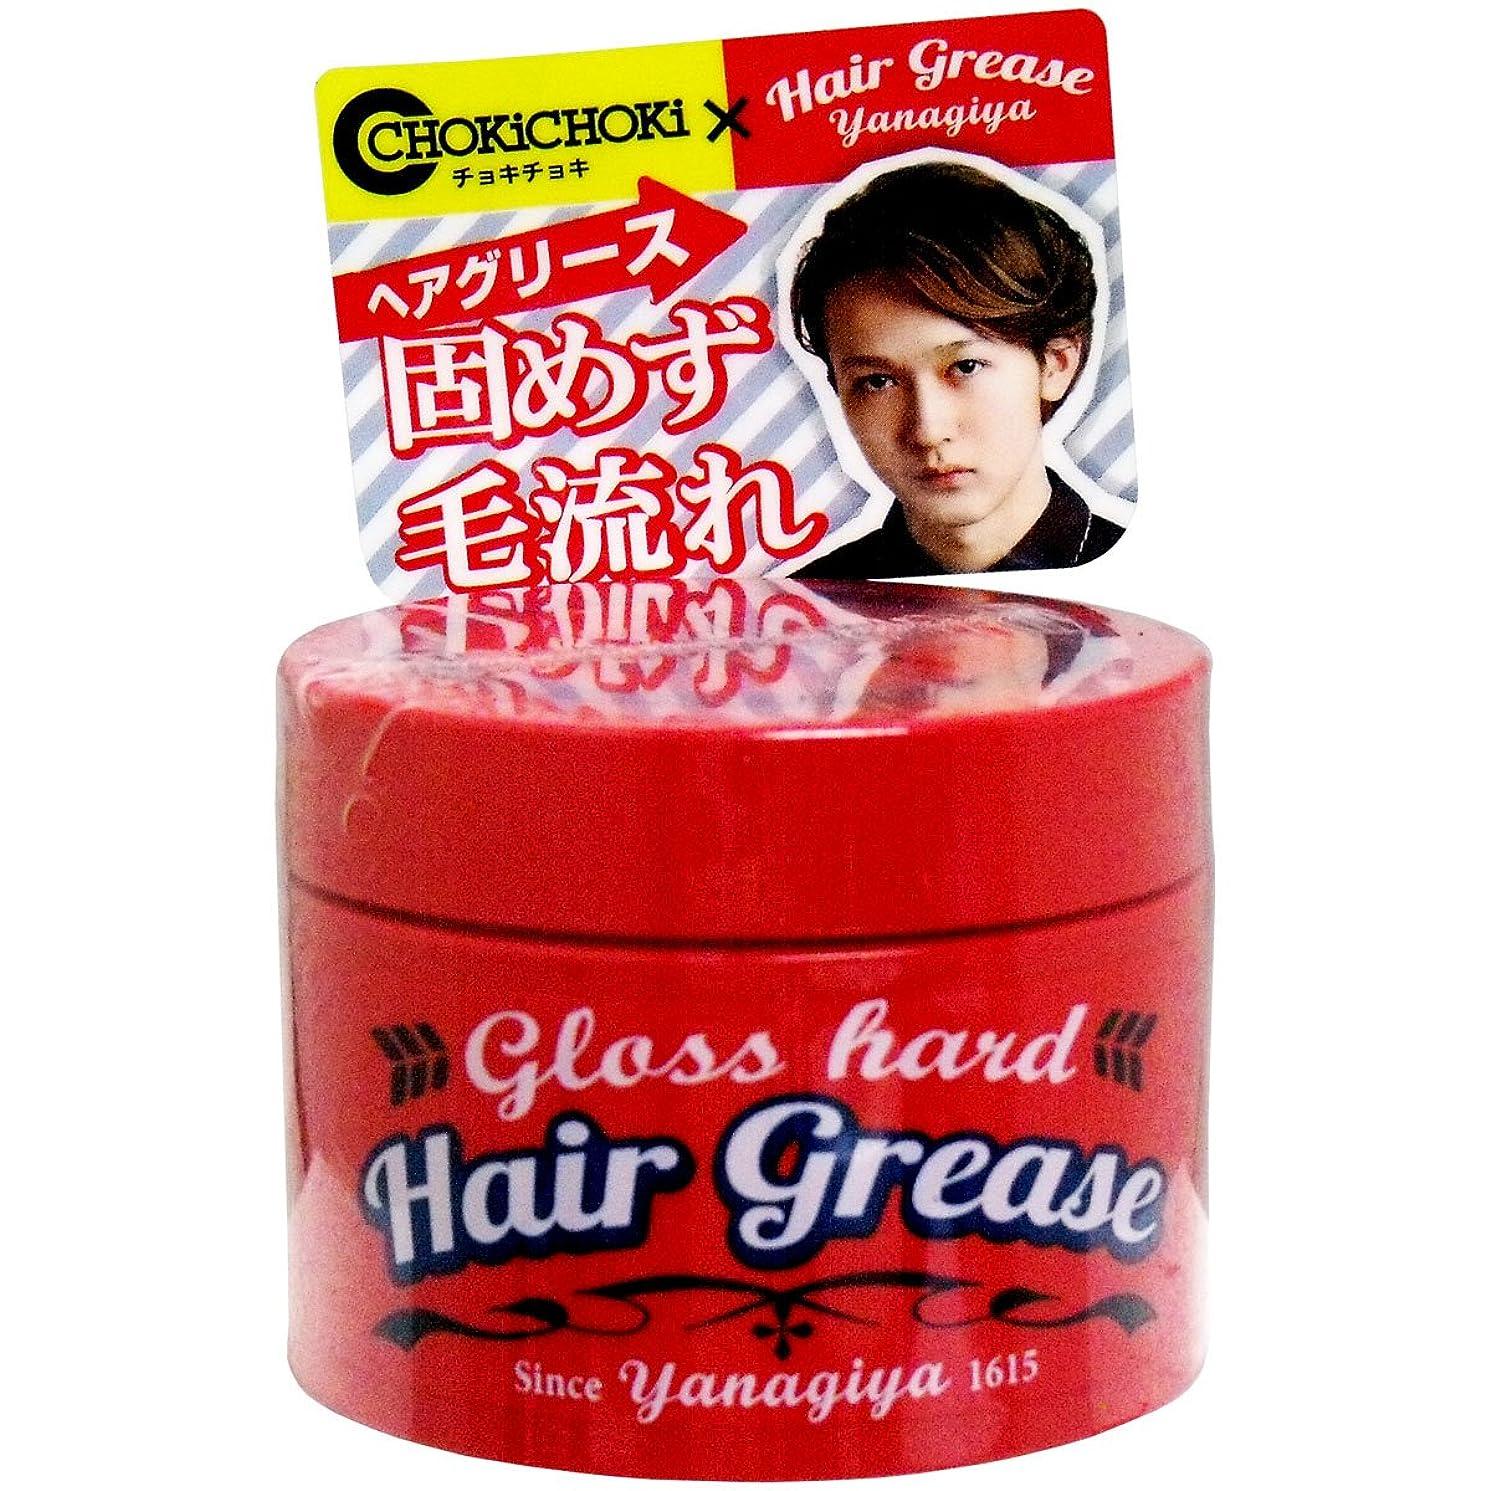 真鍮酸素はずヘアワックス 固めず毛流れ 使いやすい YANAGIYA ヘアグリース グロスハード 90g入【1個セット】